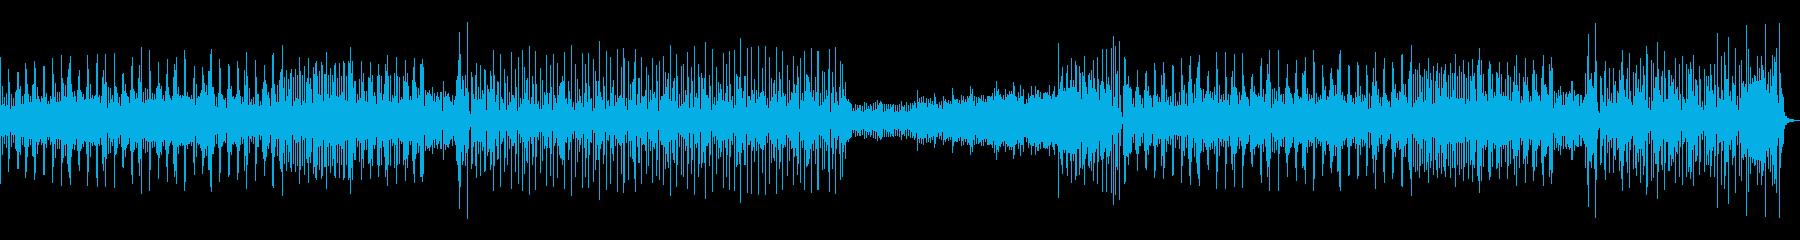 汎用性のある、のほほんアコースティック曲の再生済みの波形